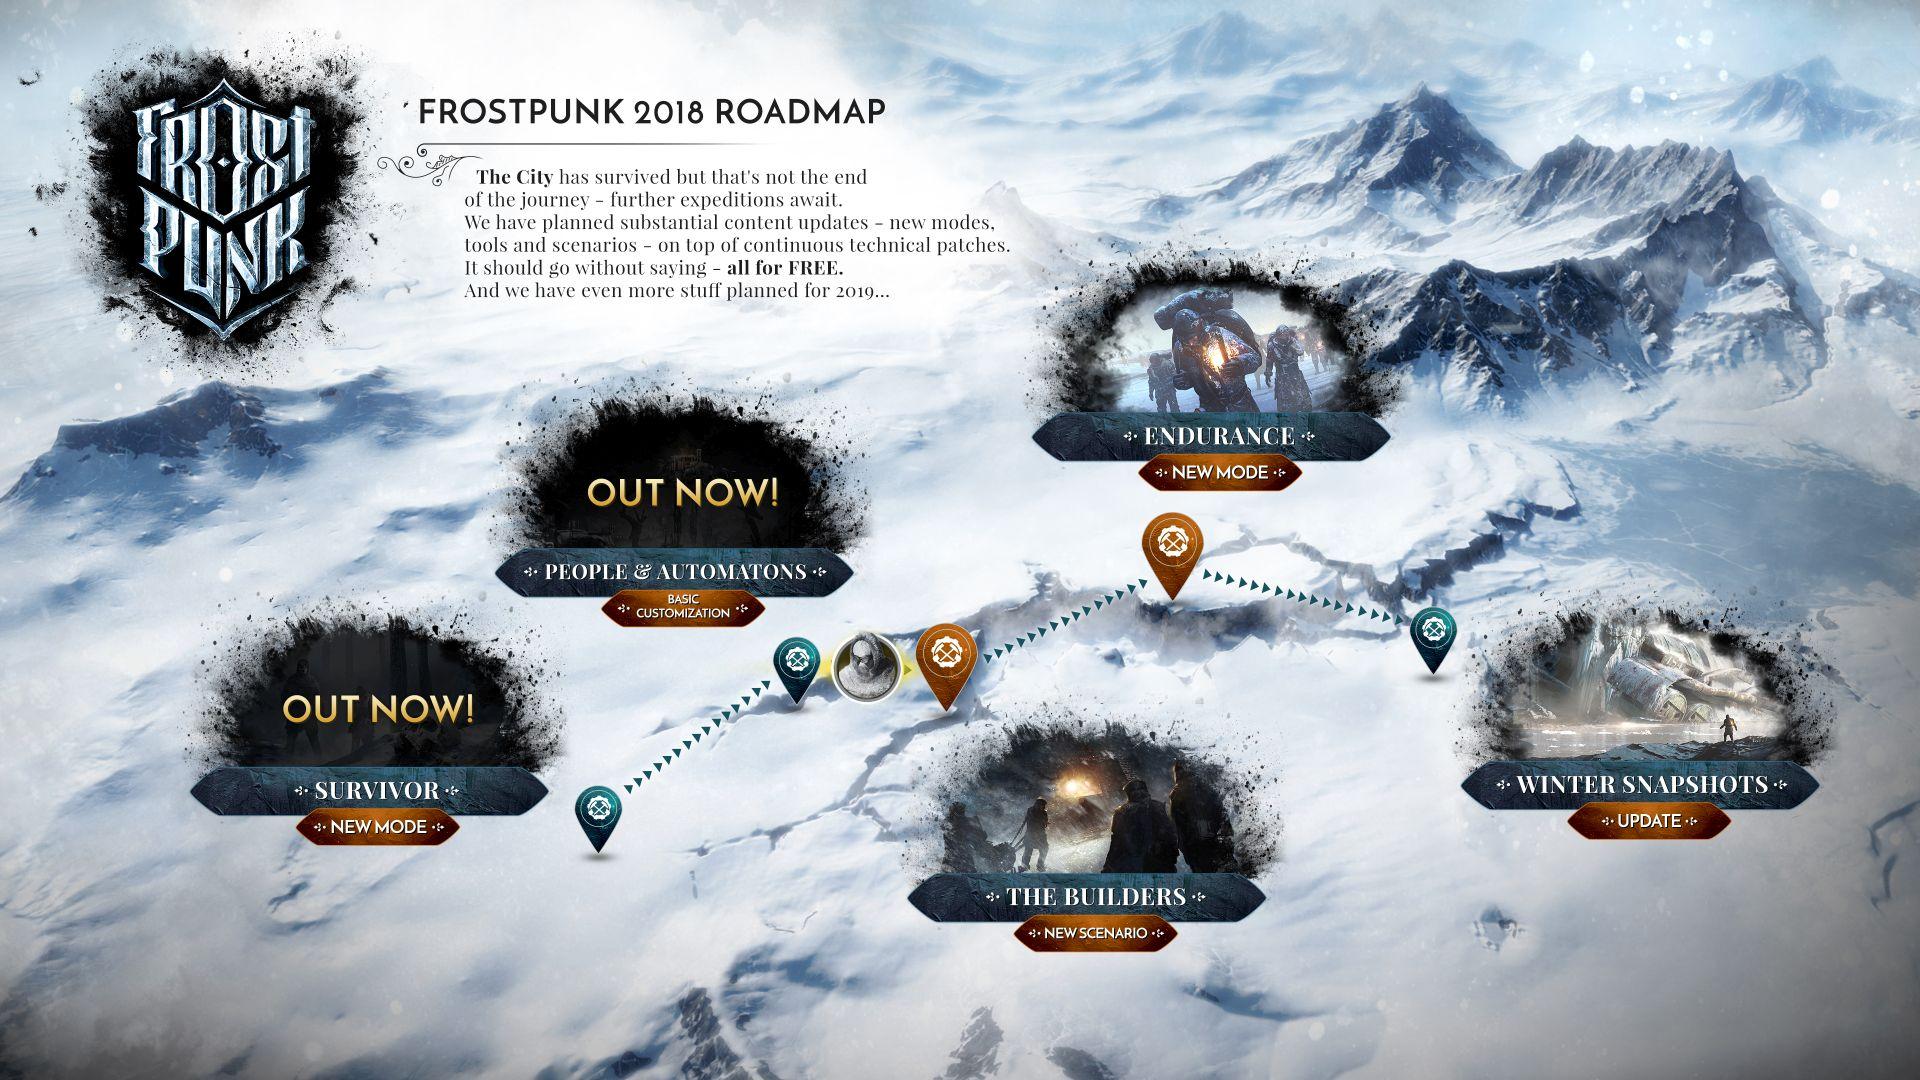 Frostpunk 2018 Roadmap